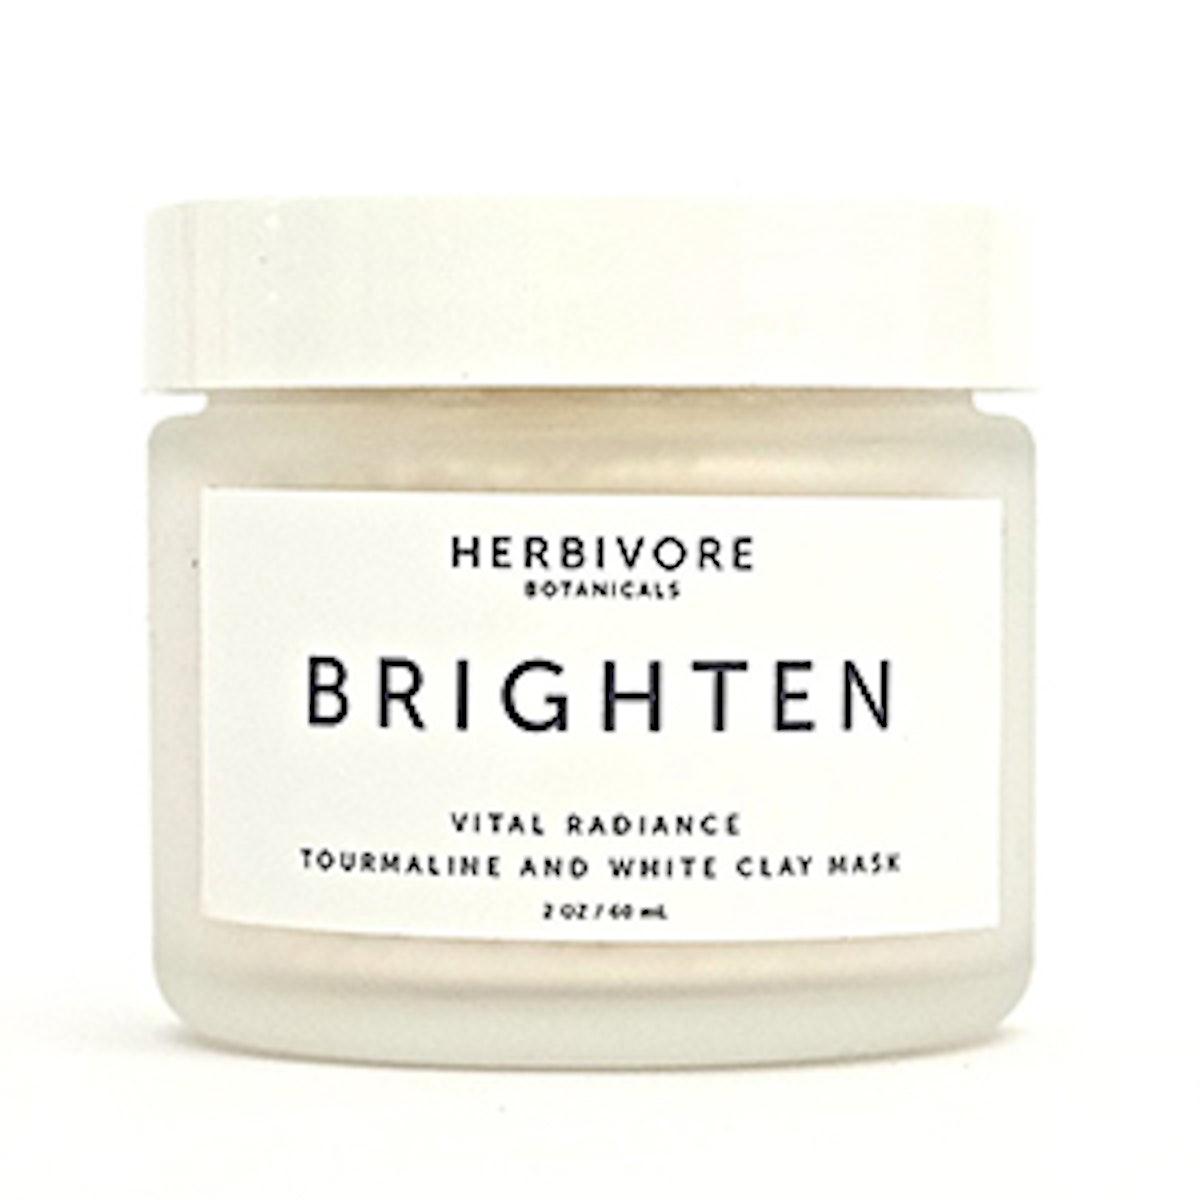 Brighten White Clay Mask